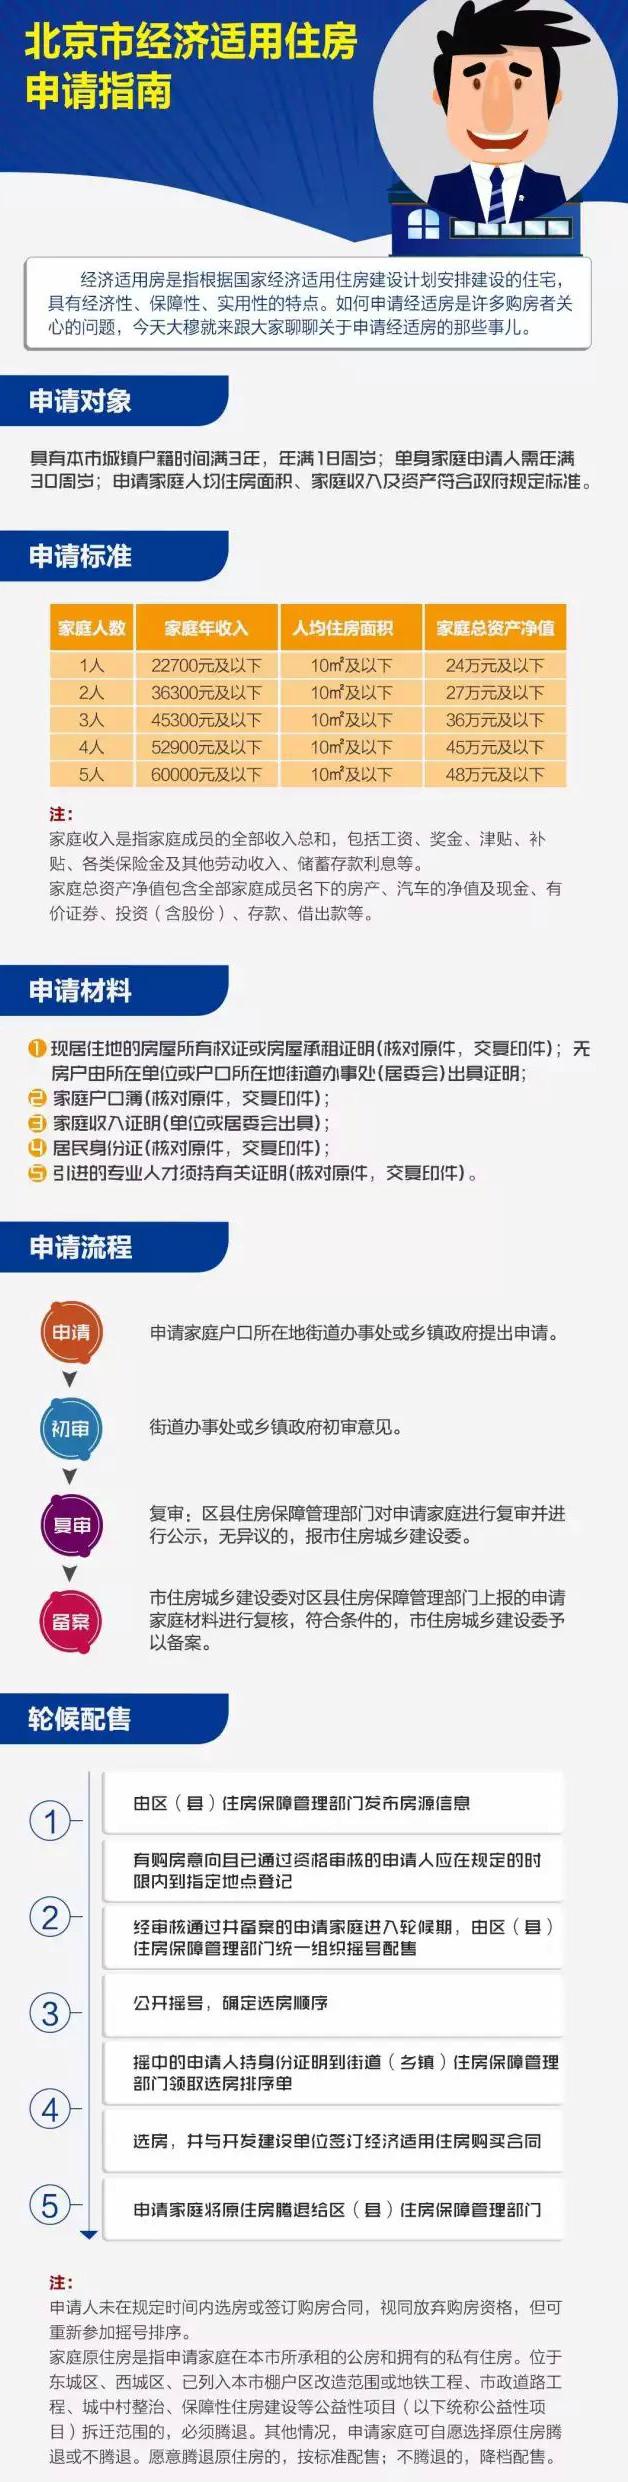 北京经济适用房申请条件是什么?申请资料及申请流程